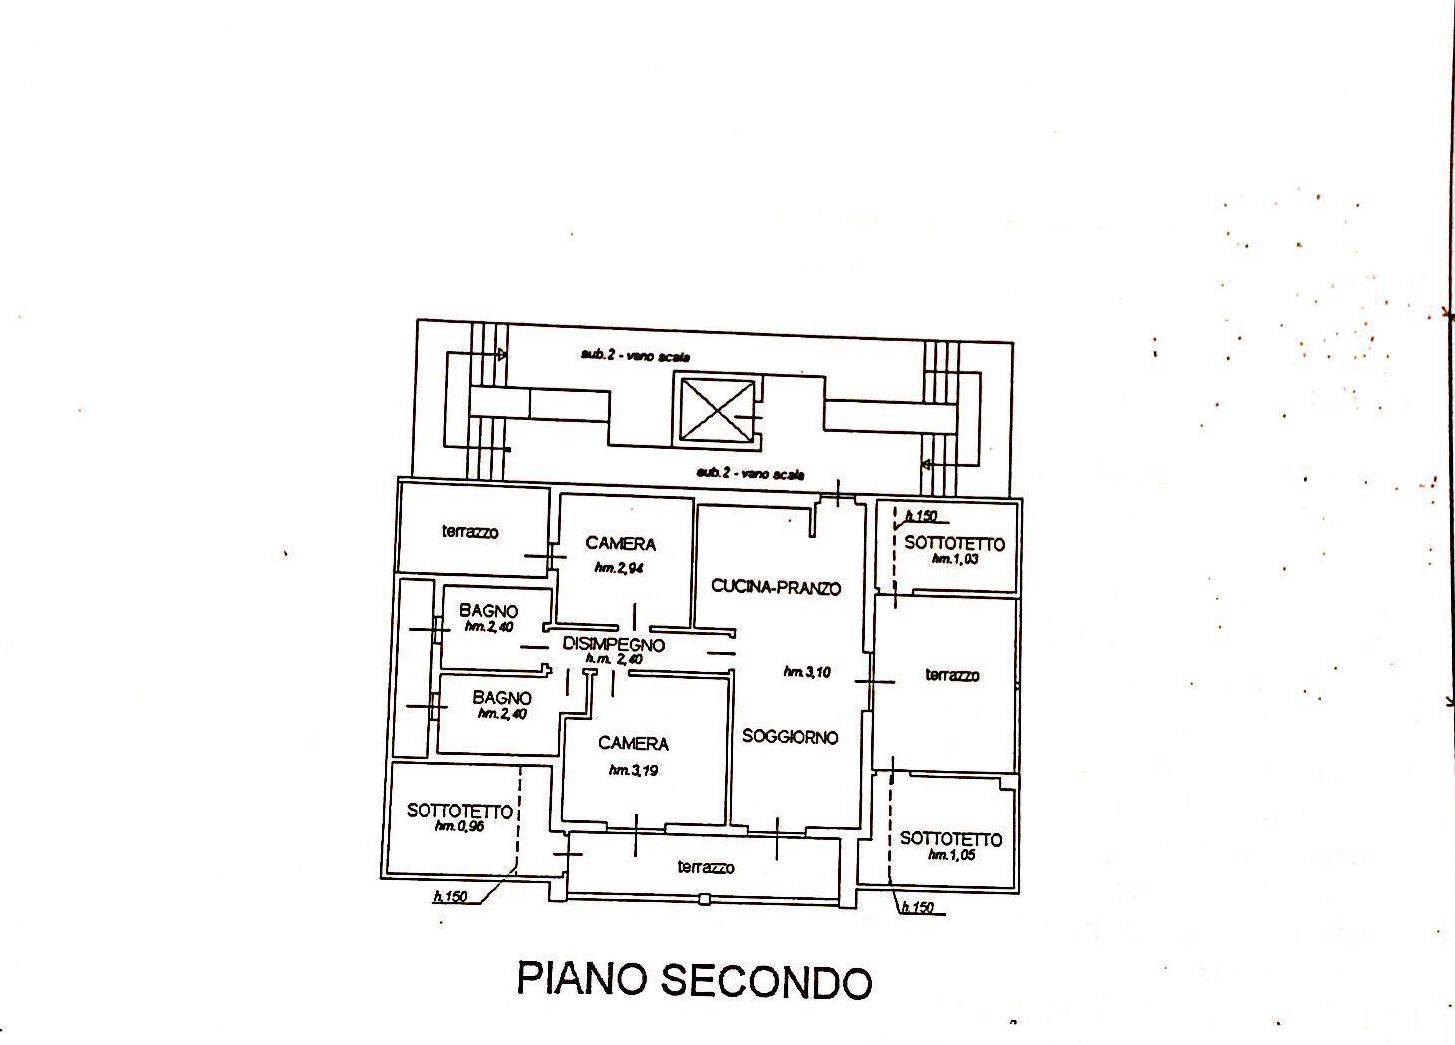 Attico in Vendita a Borgo Ticino: 5 locali, 160 mq - Foto 22